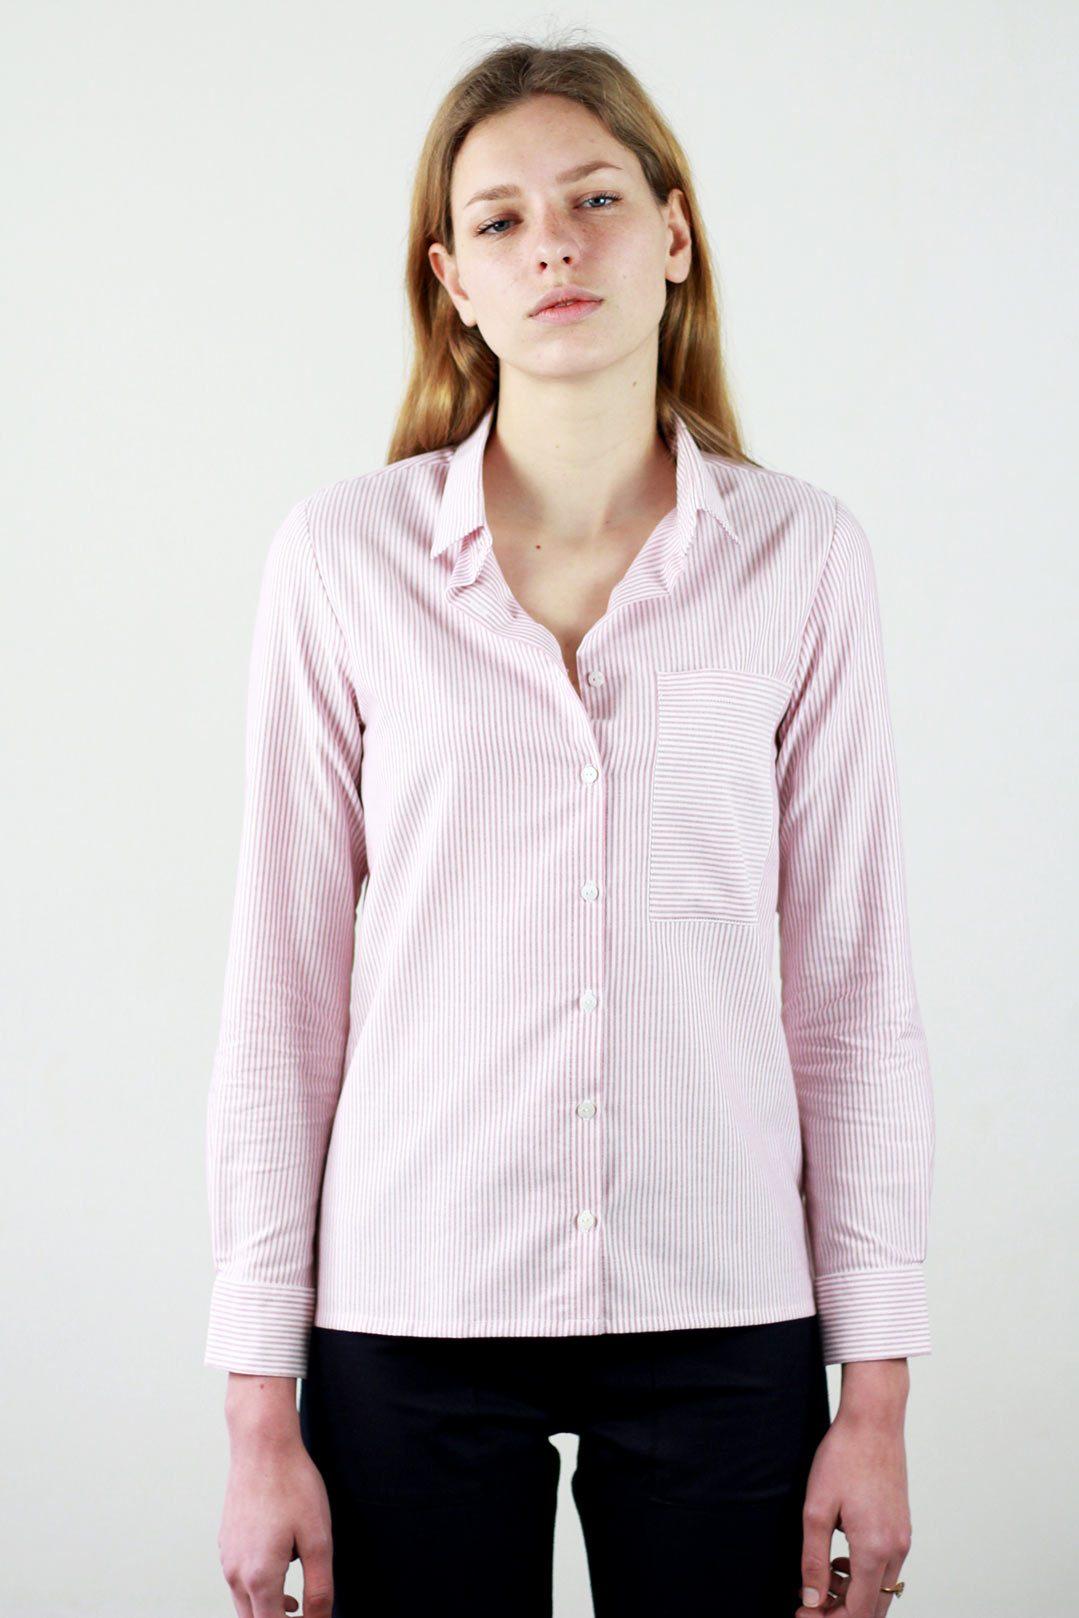 f6727942cd8e Chemise rayée femme rouge et blanc en coton OEKO-TEX® – Marie Hélène